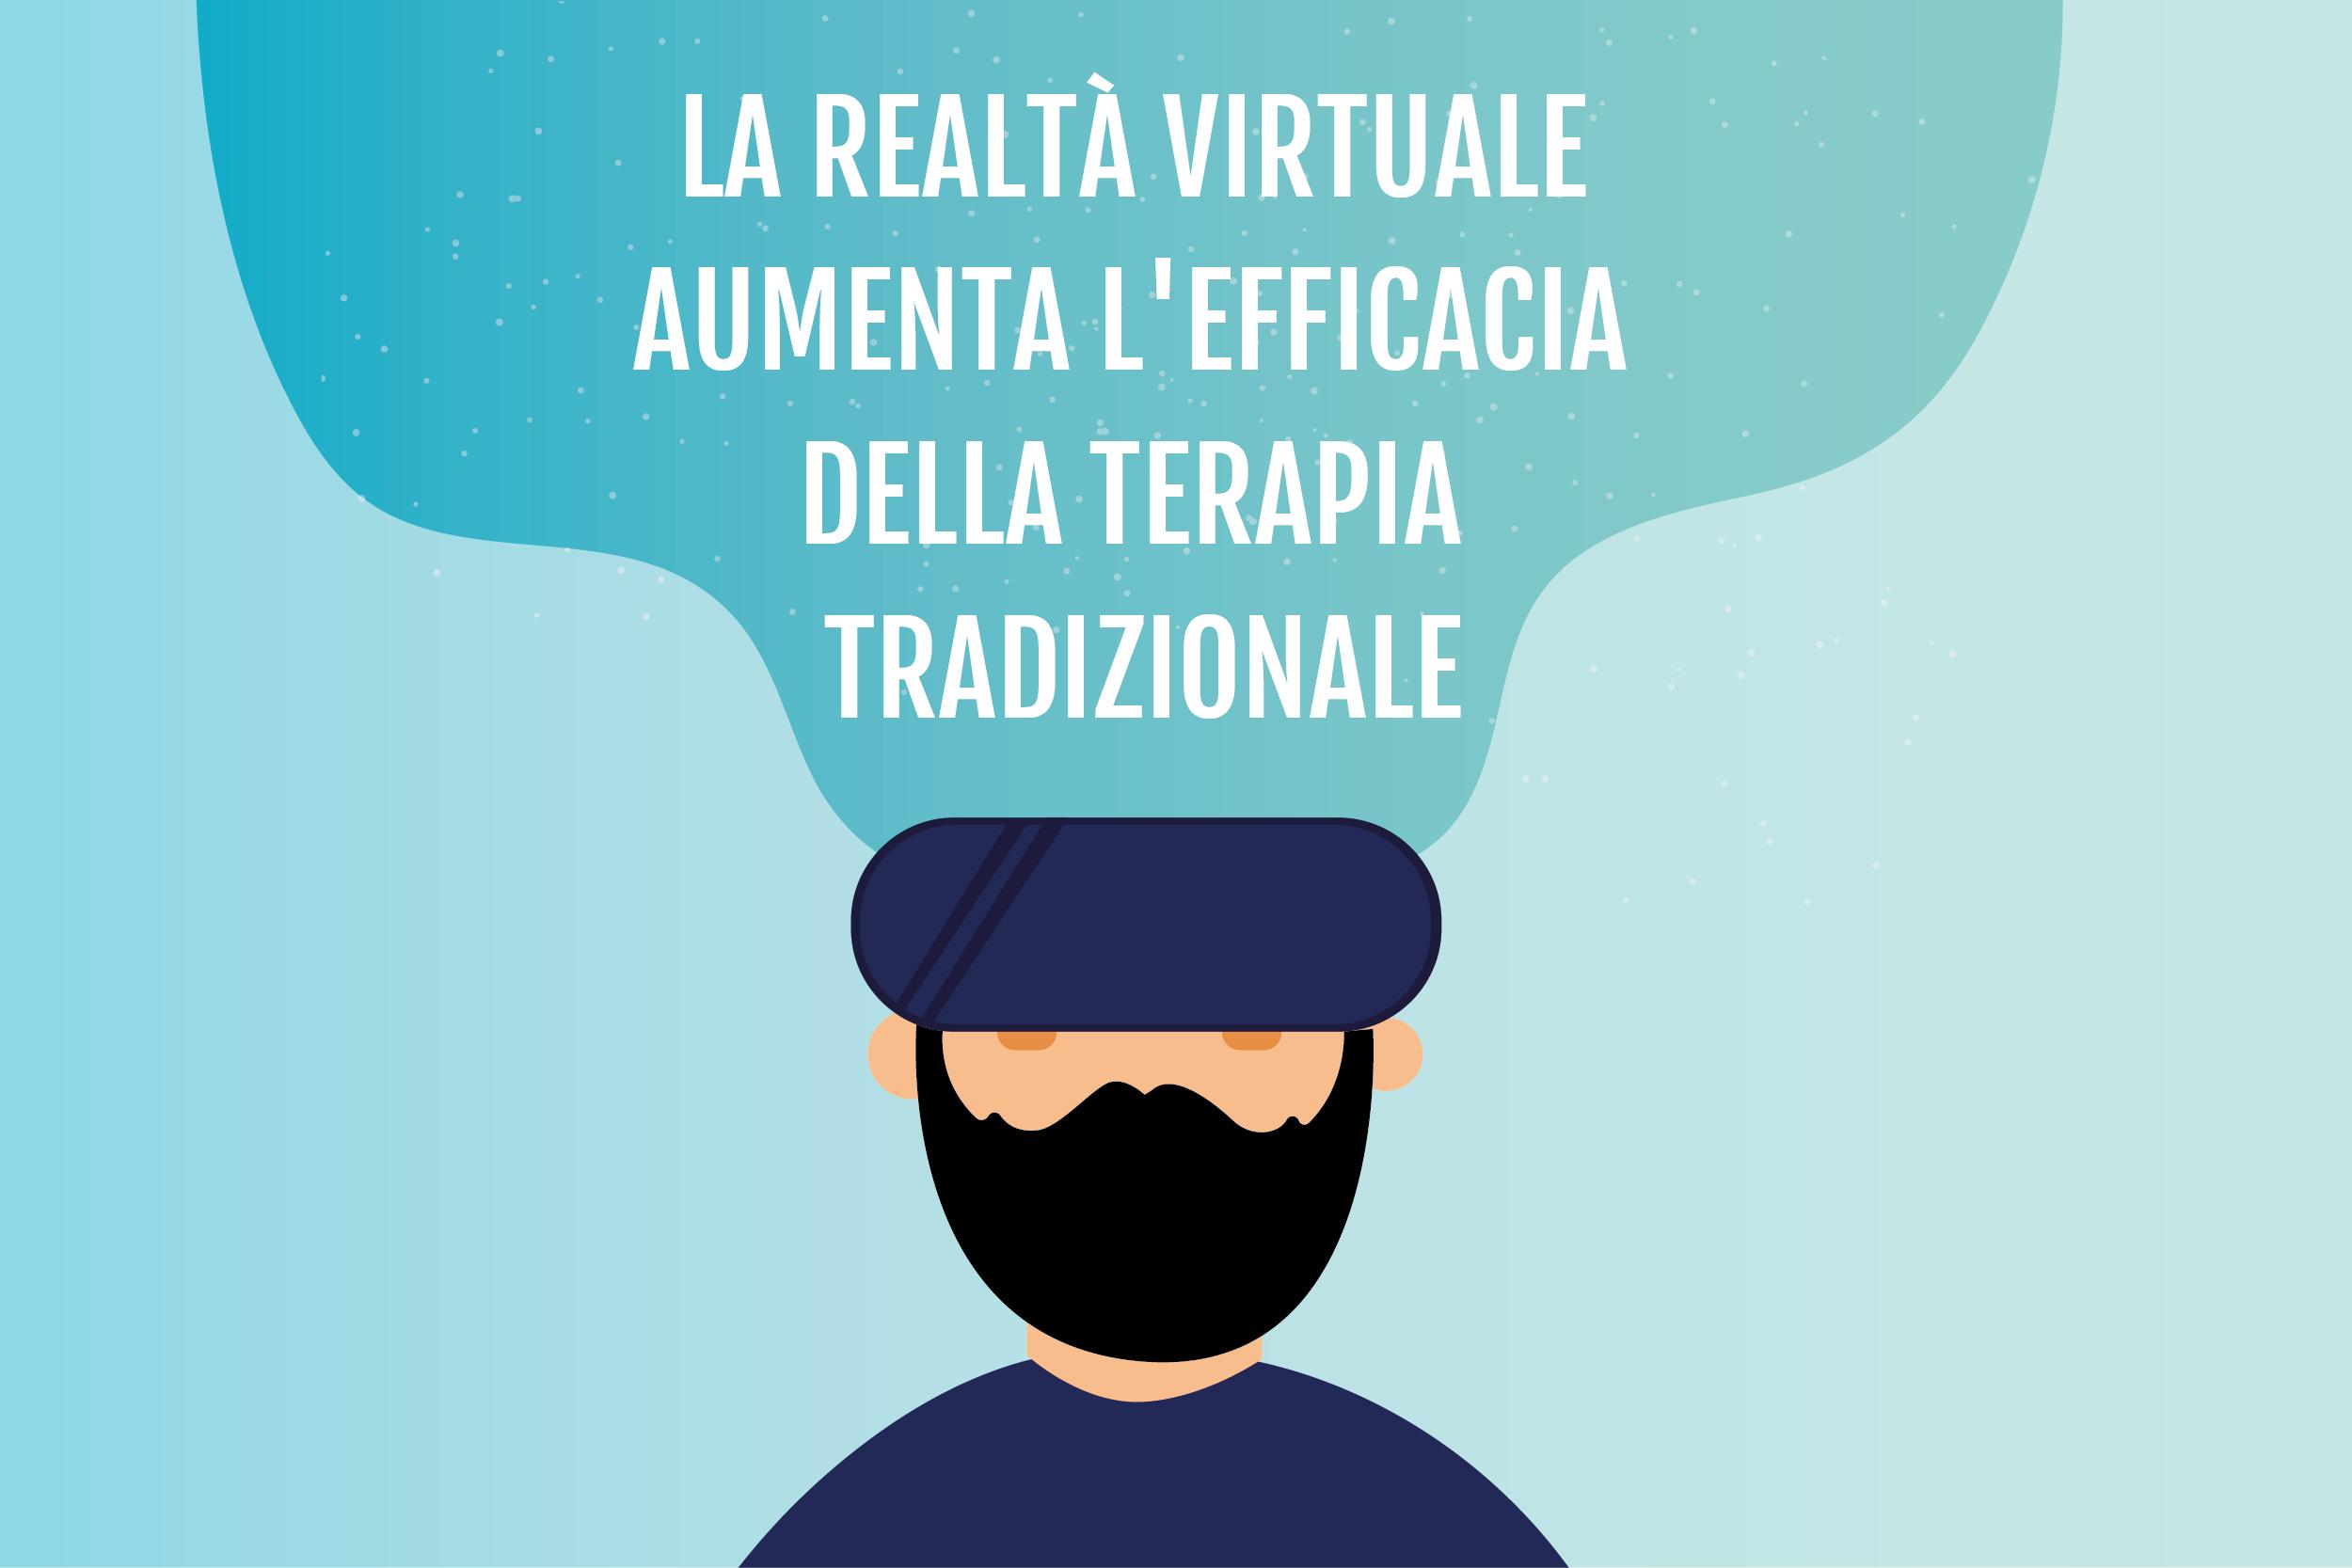 La Realtà Virtuale Aumenta L'efficacia Della Psicoterapia Tradizionale? Sì.